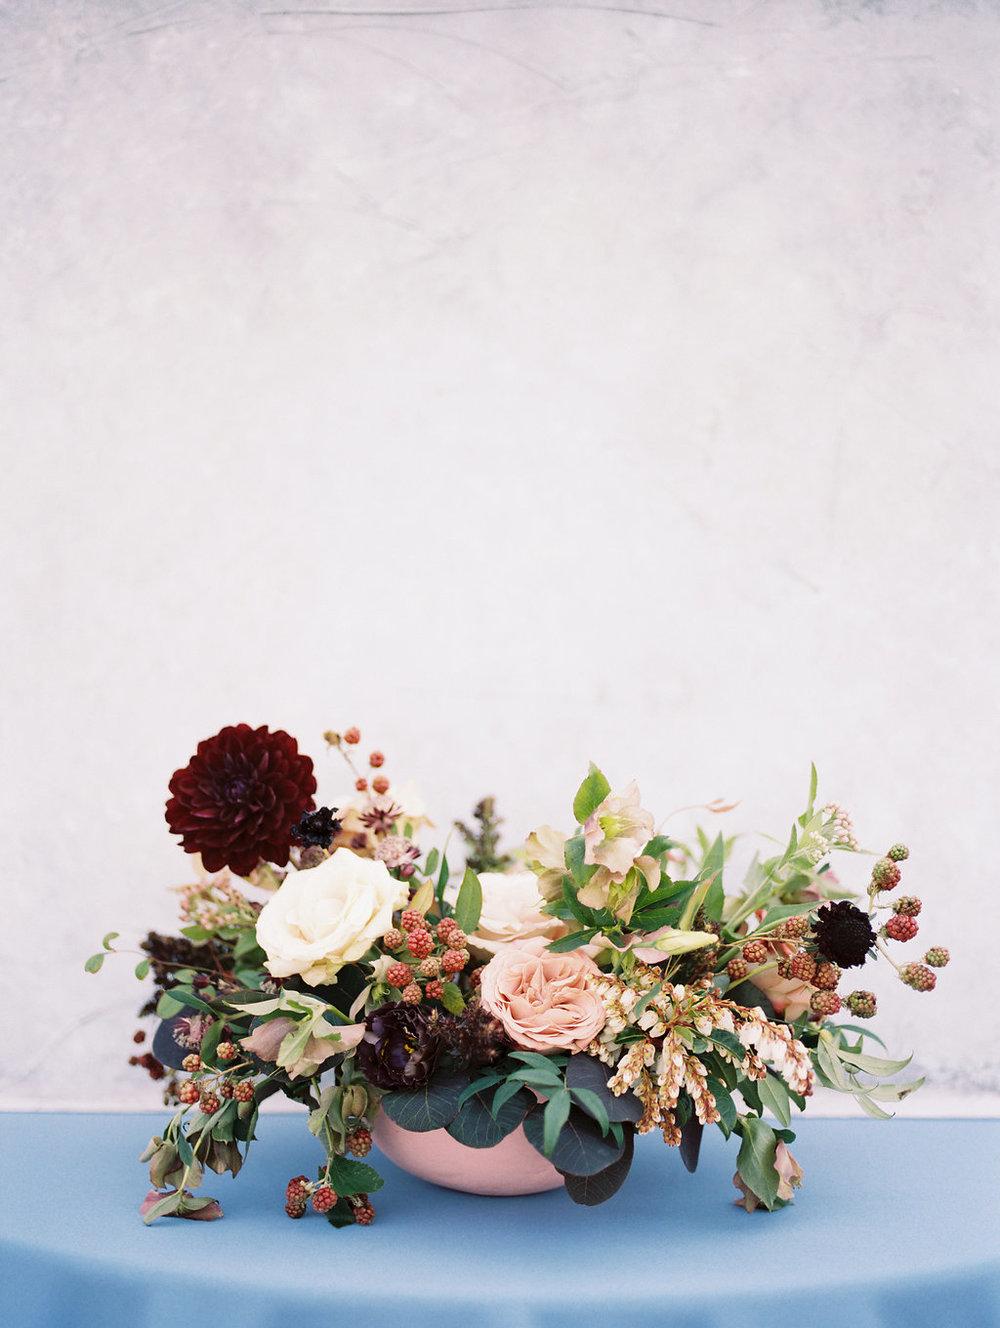 Garden Inspired Wedding Centrepiece - Wedding Florist in Dallas